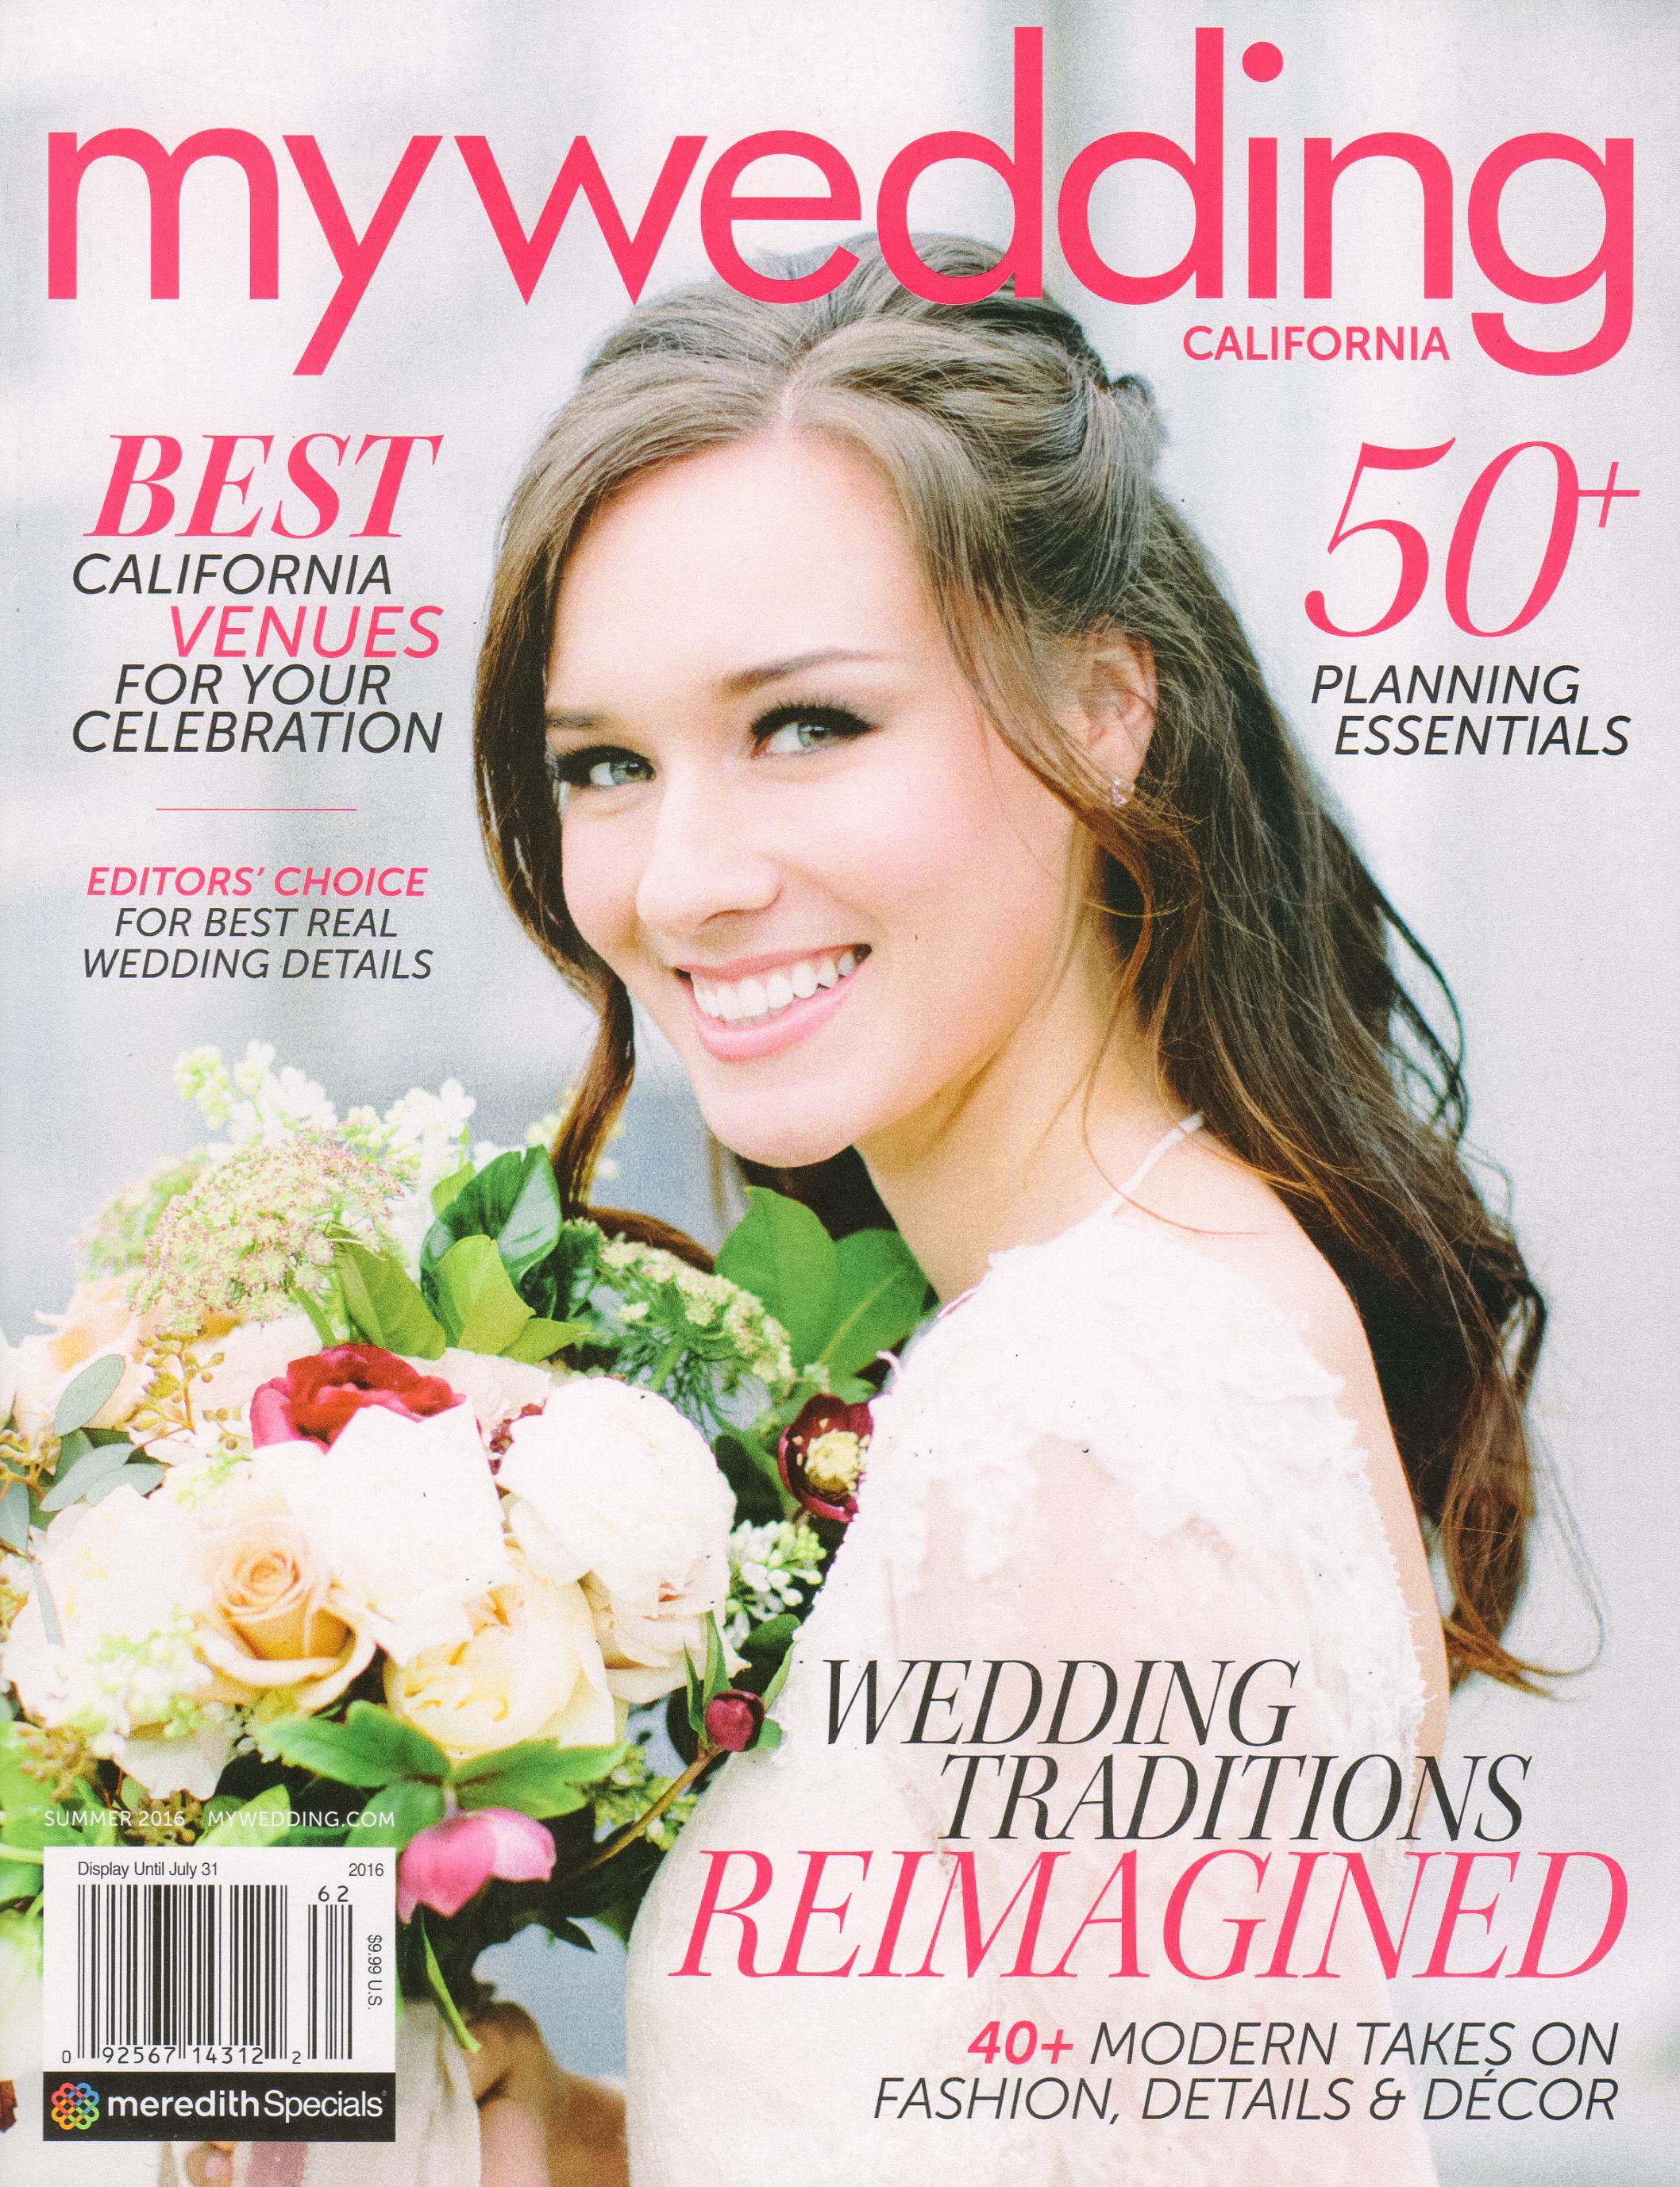 megan clouse magazine covers-1.jpg